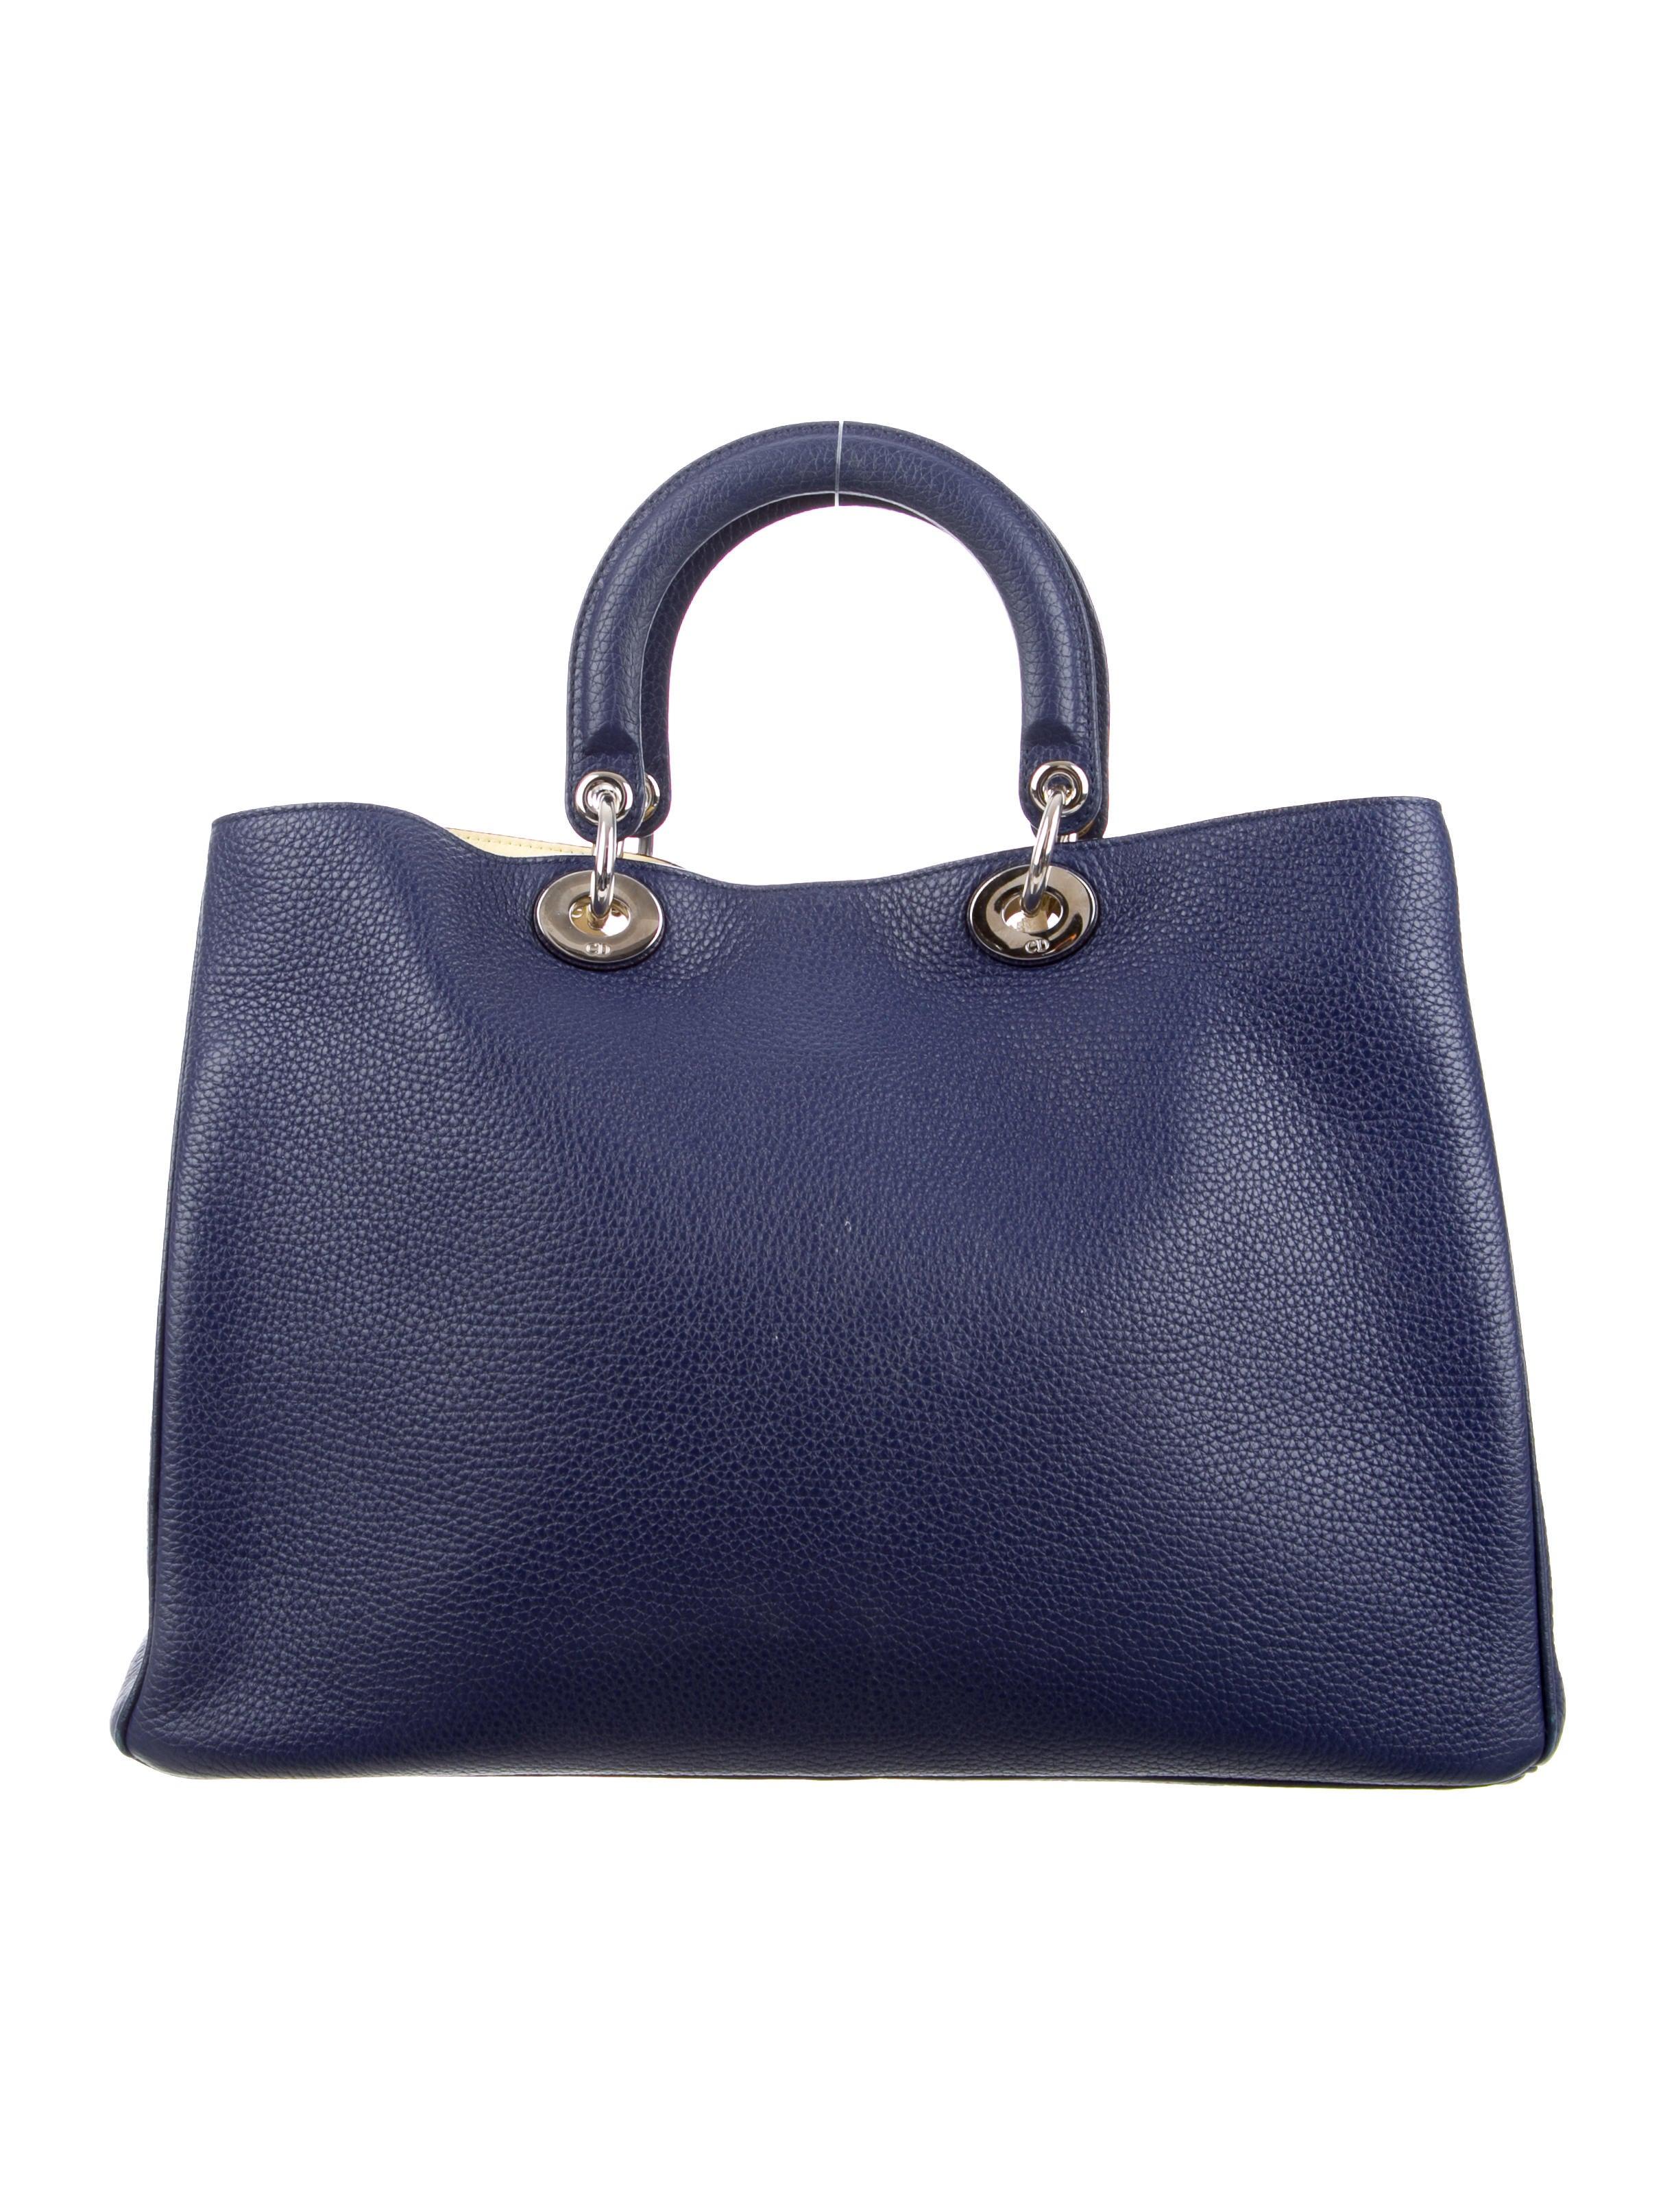 Christian Dior Medium Diorissimo Bag - Handbags - CHR49757 ...